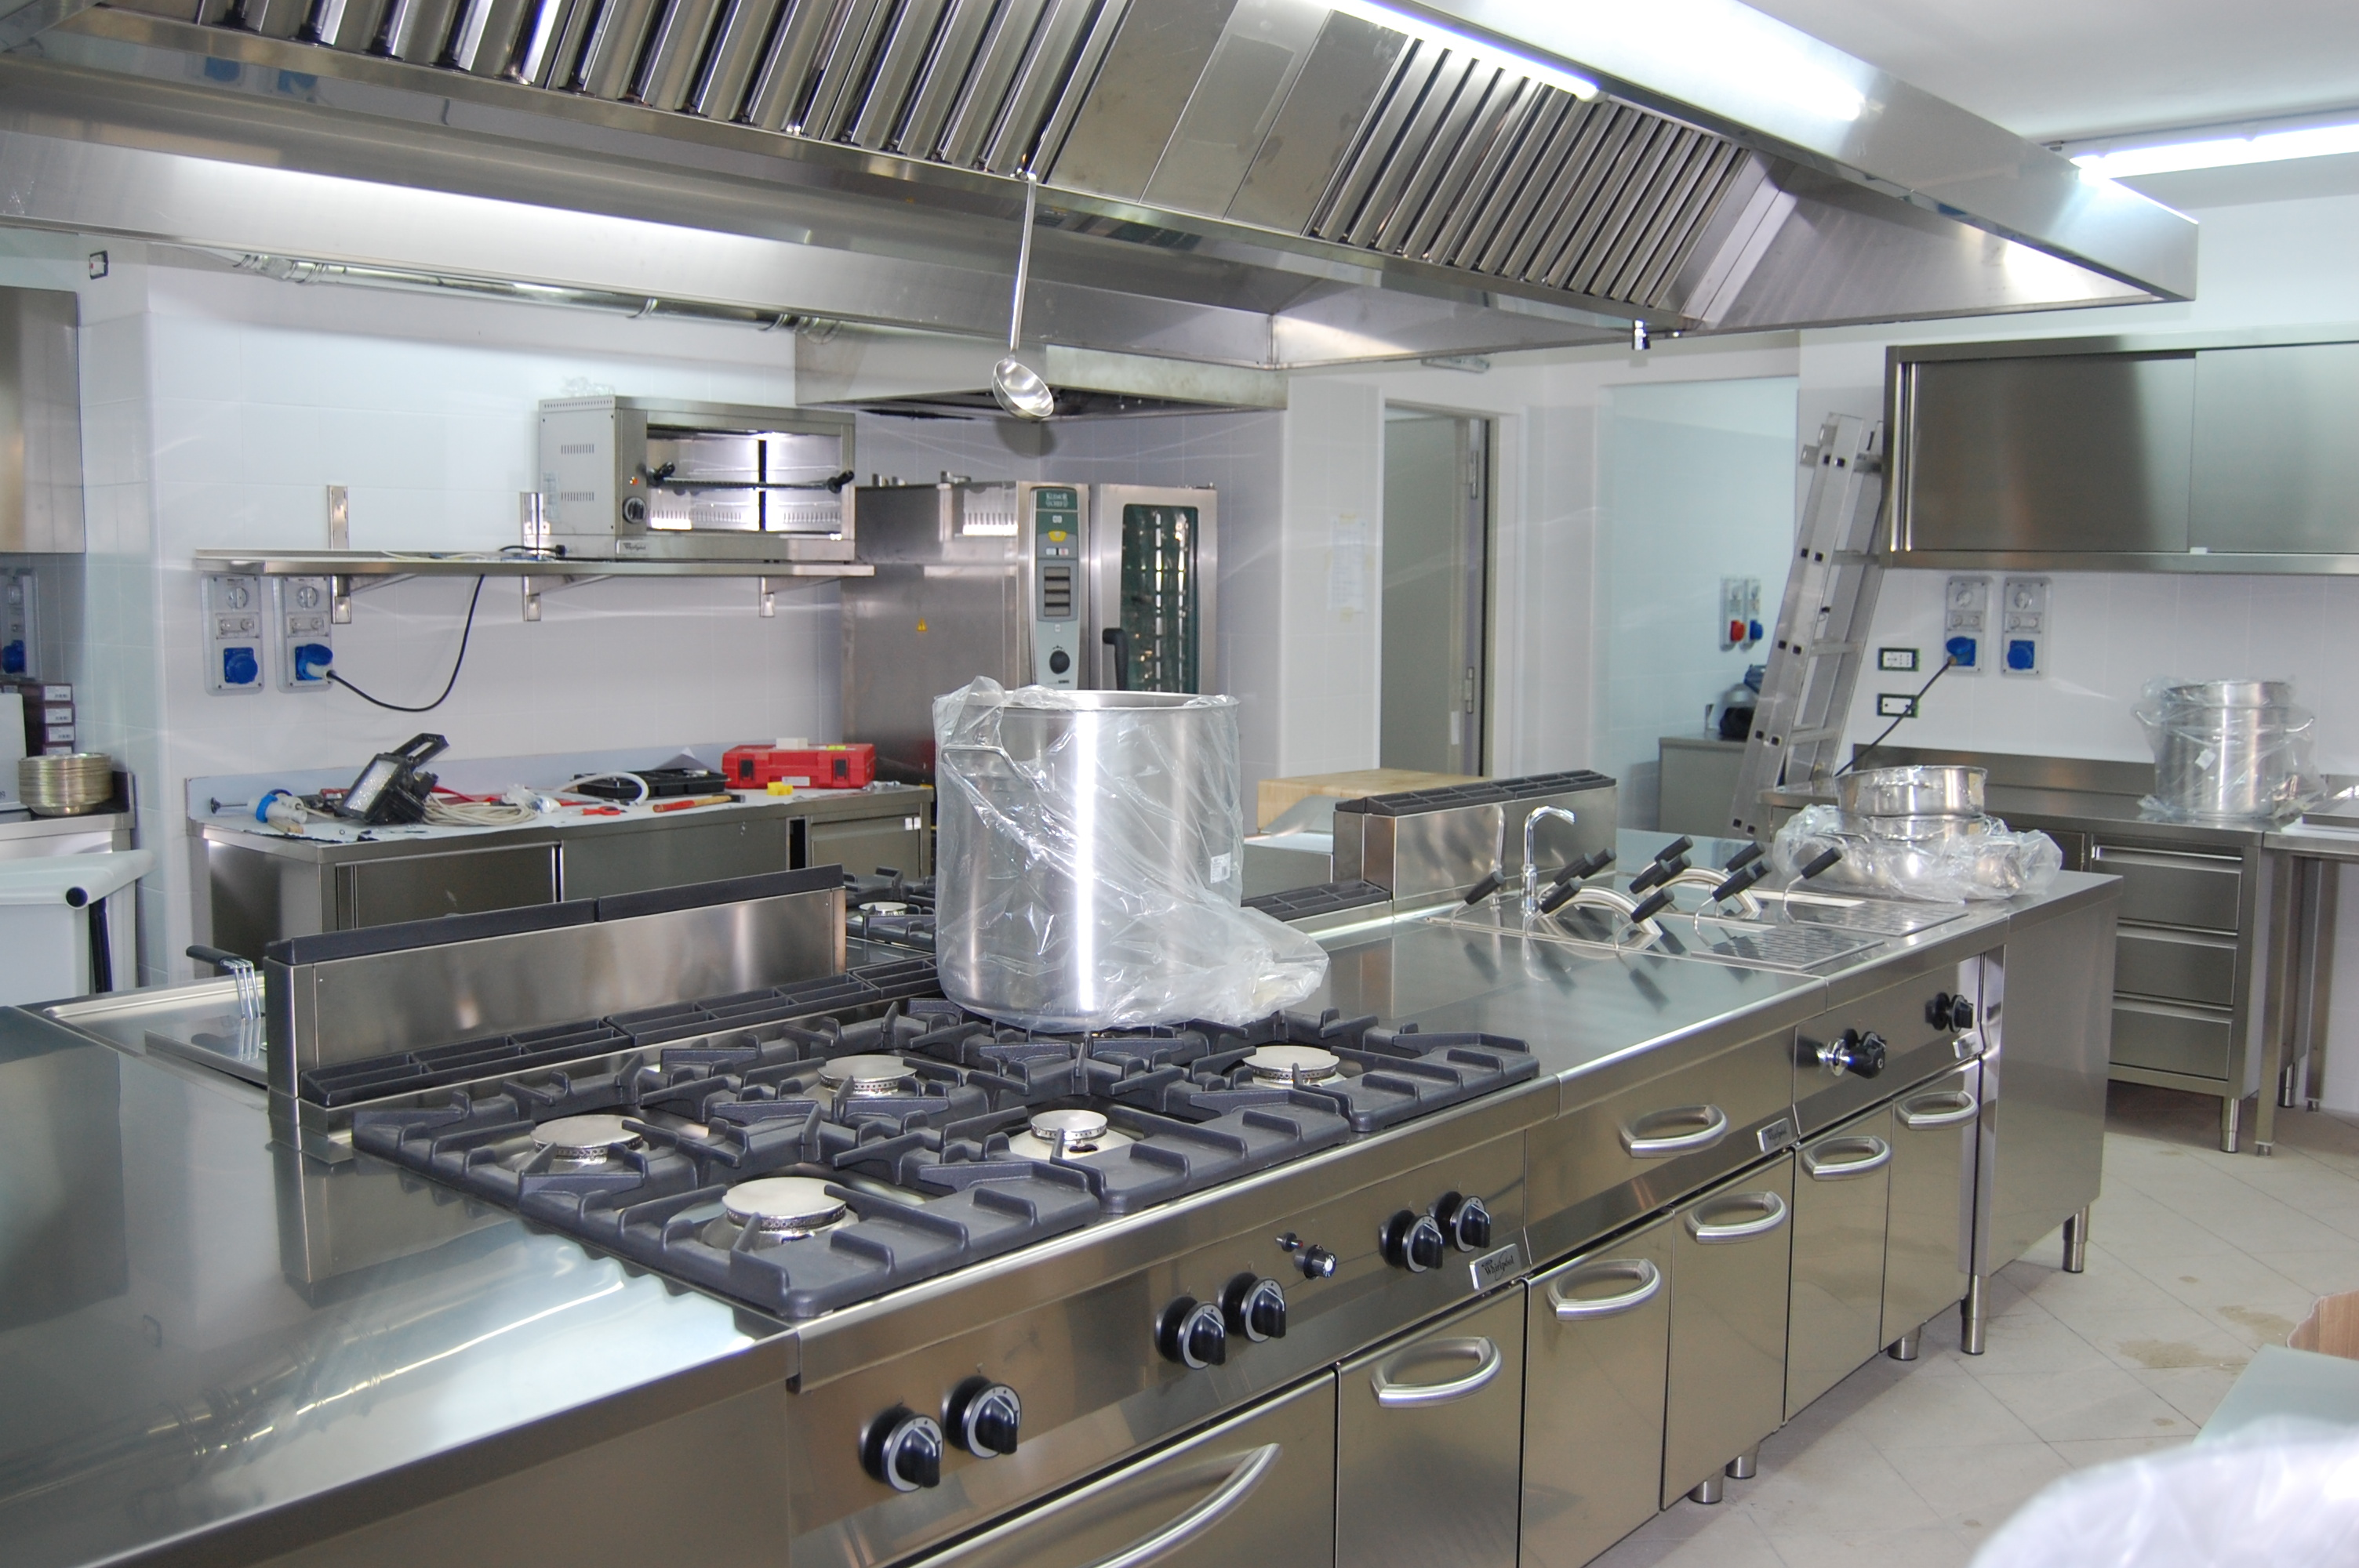 Vendita e assistenza cucine professionali perugia s a t for Cucine professionali per casa